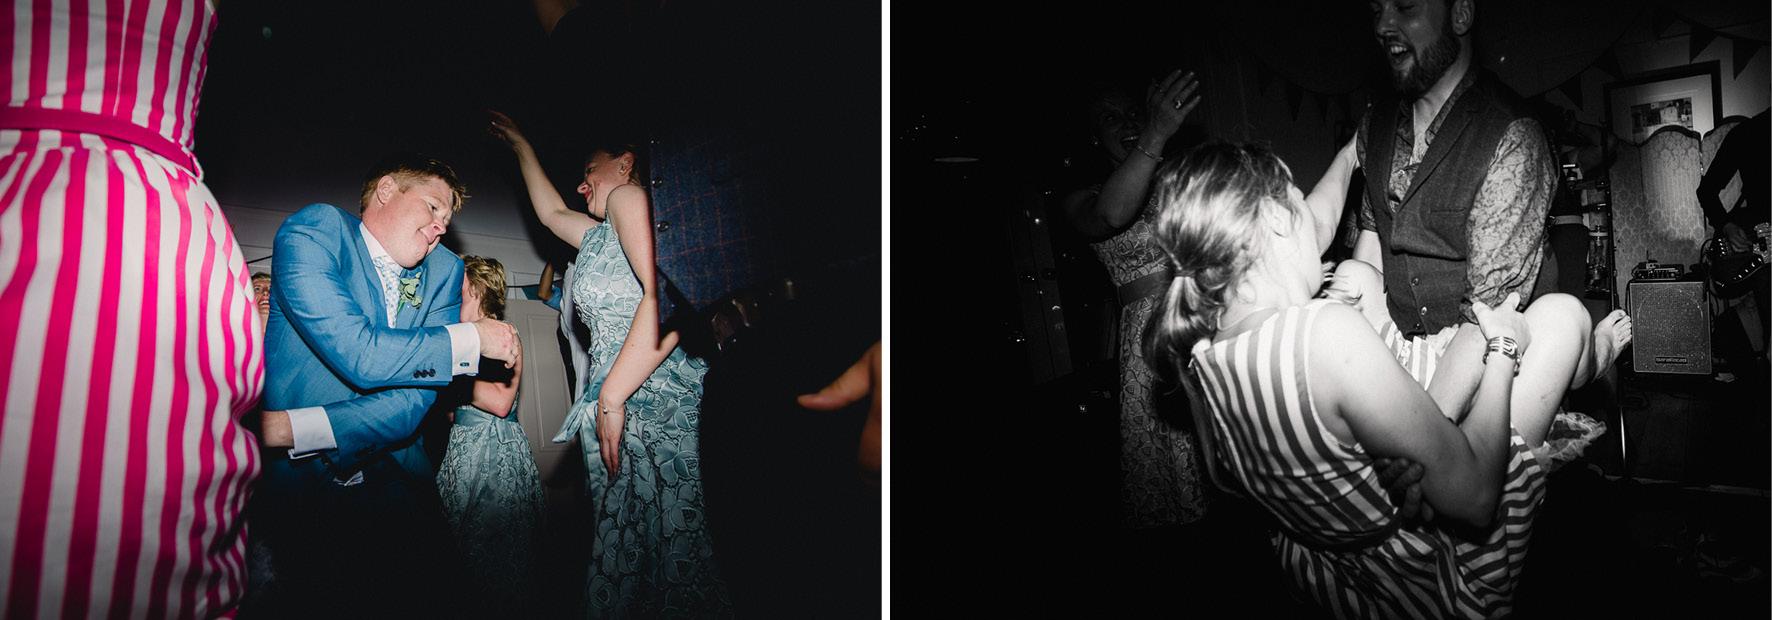 Devon_Wedding_Photographer_Dancefloor4.jpg